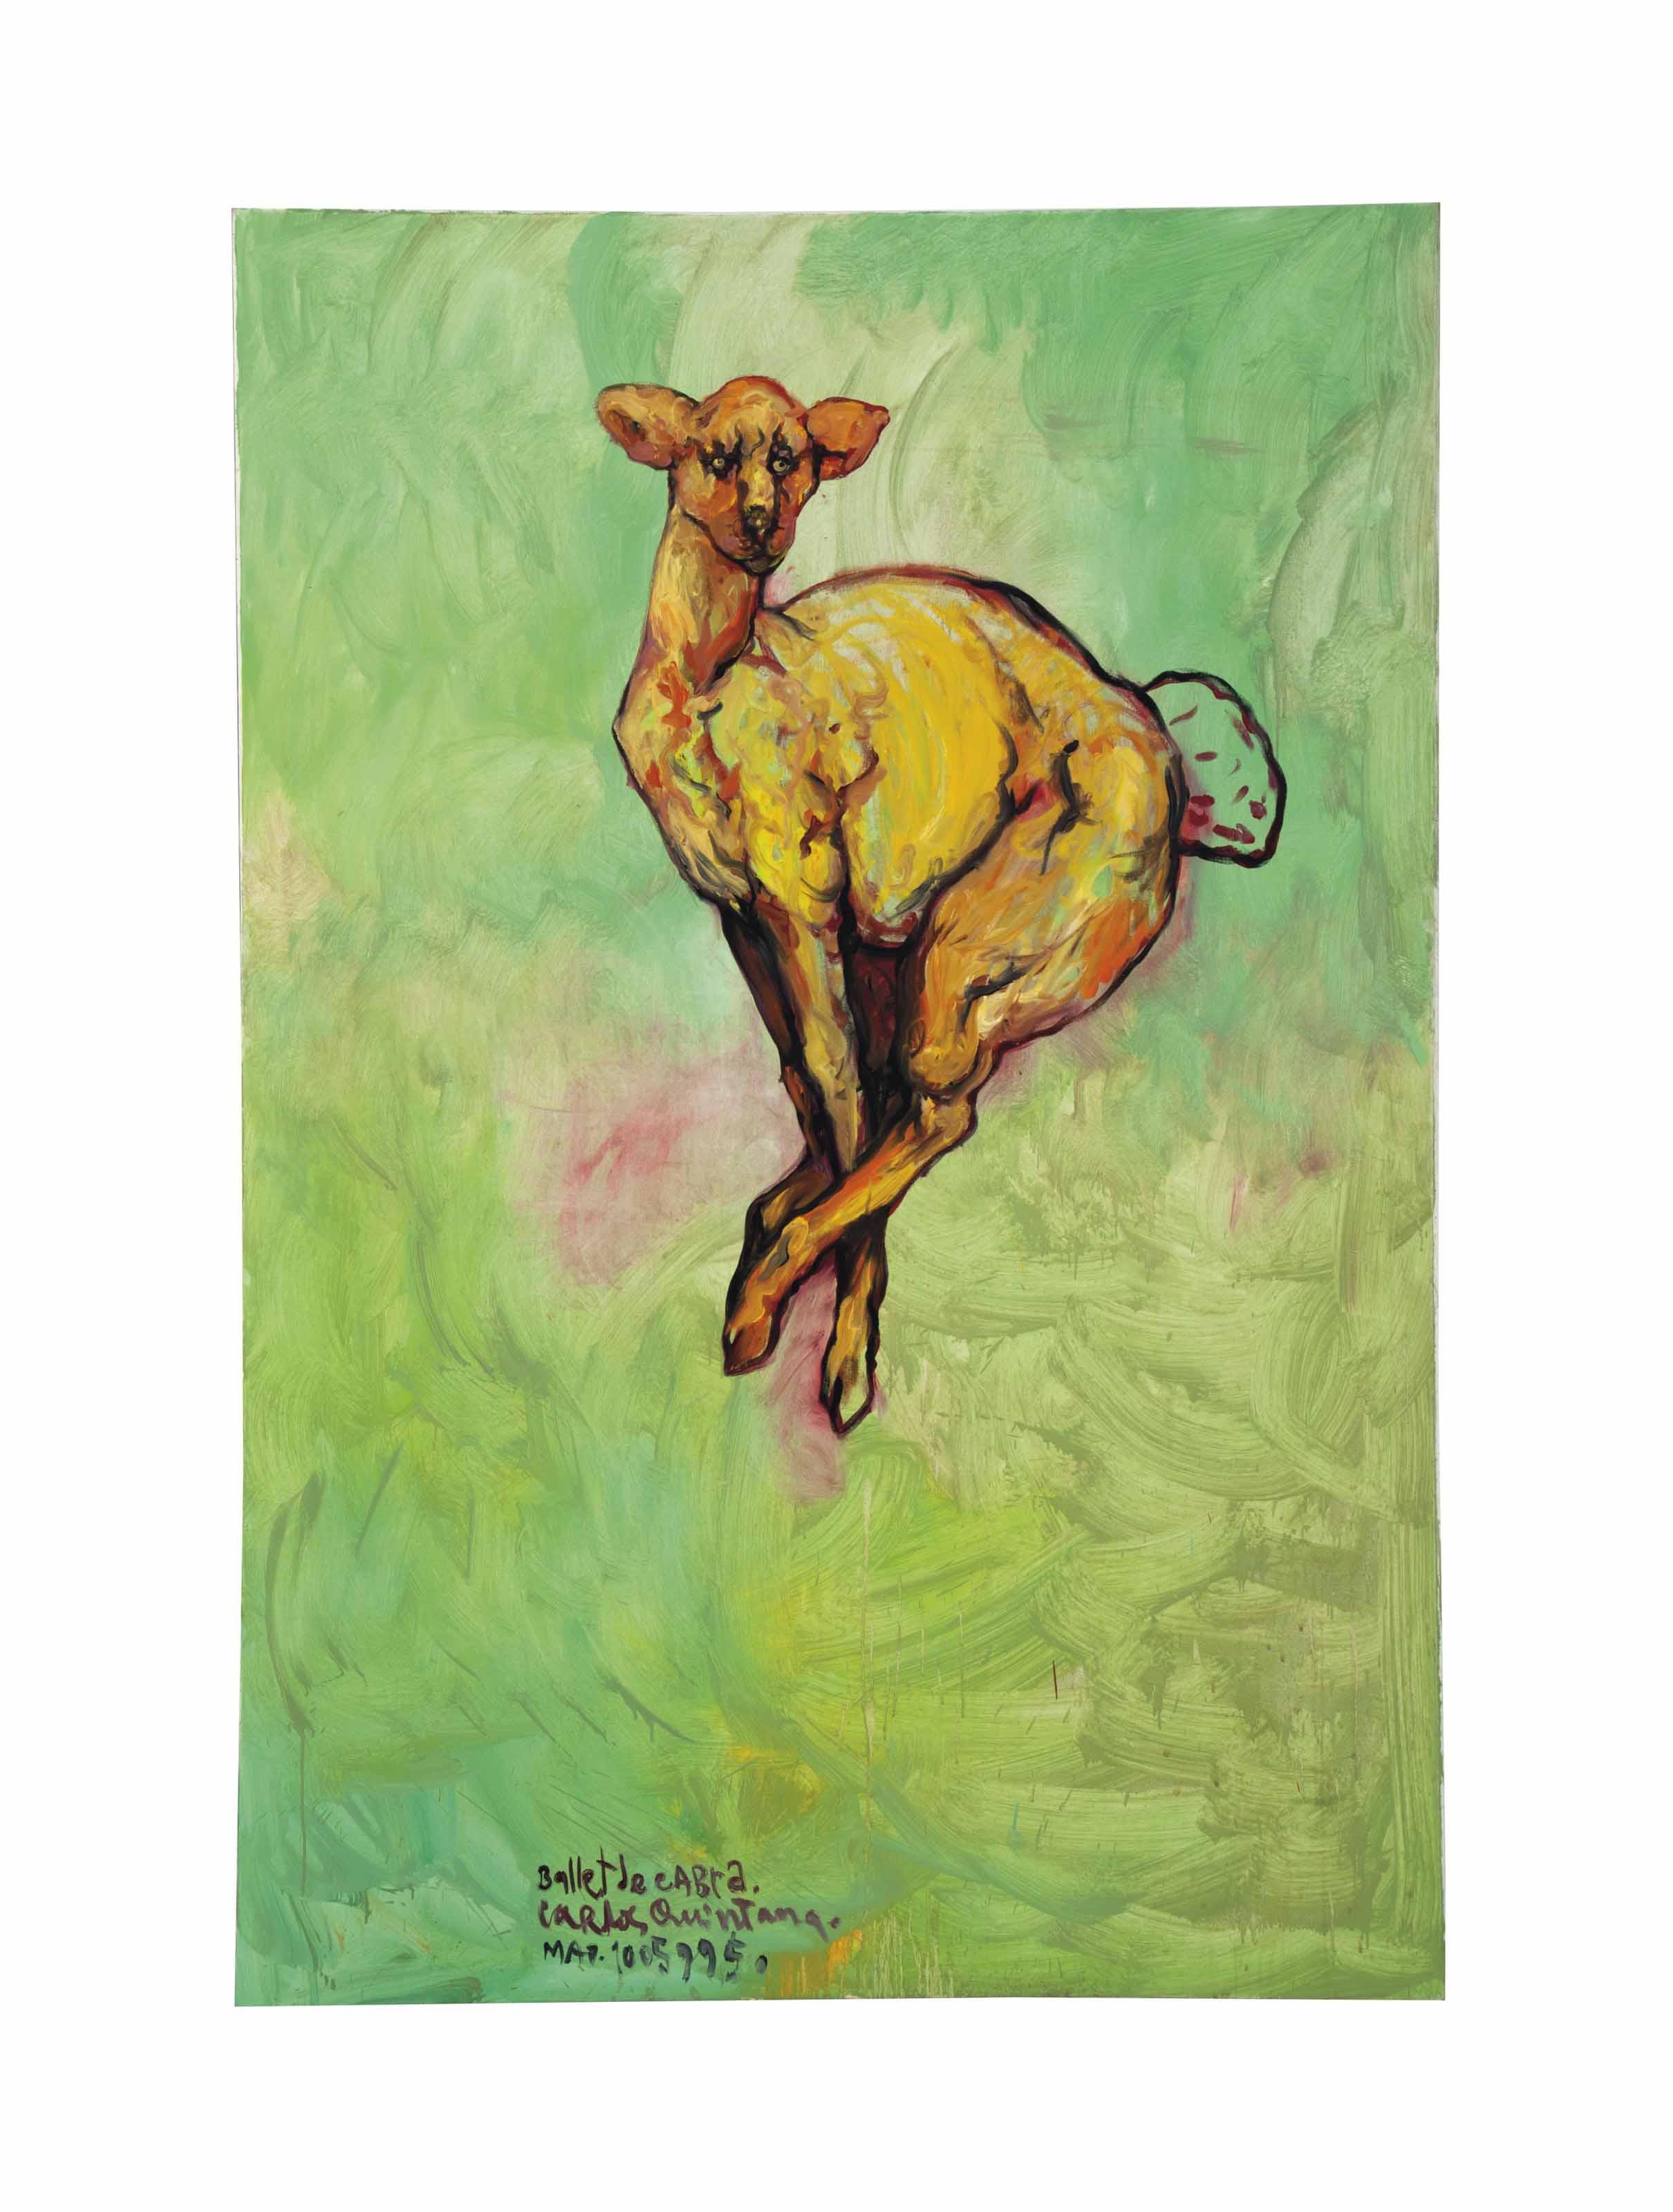 Ballet de cabra